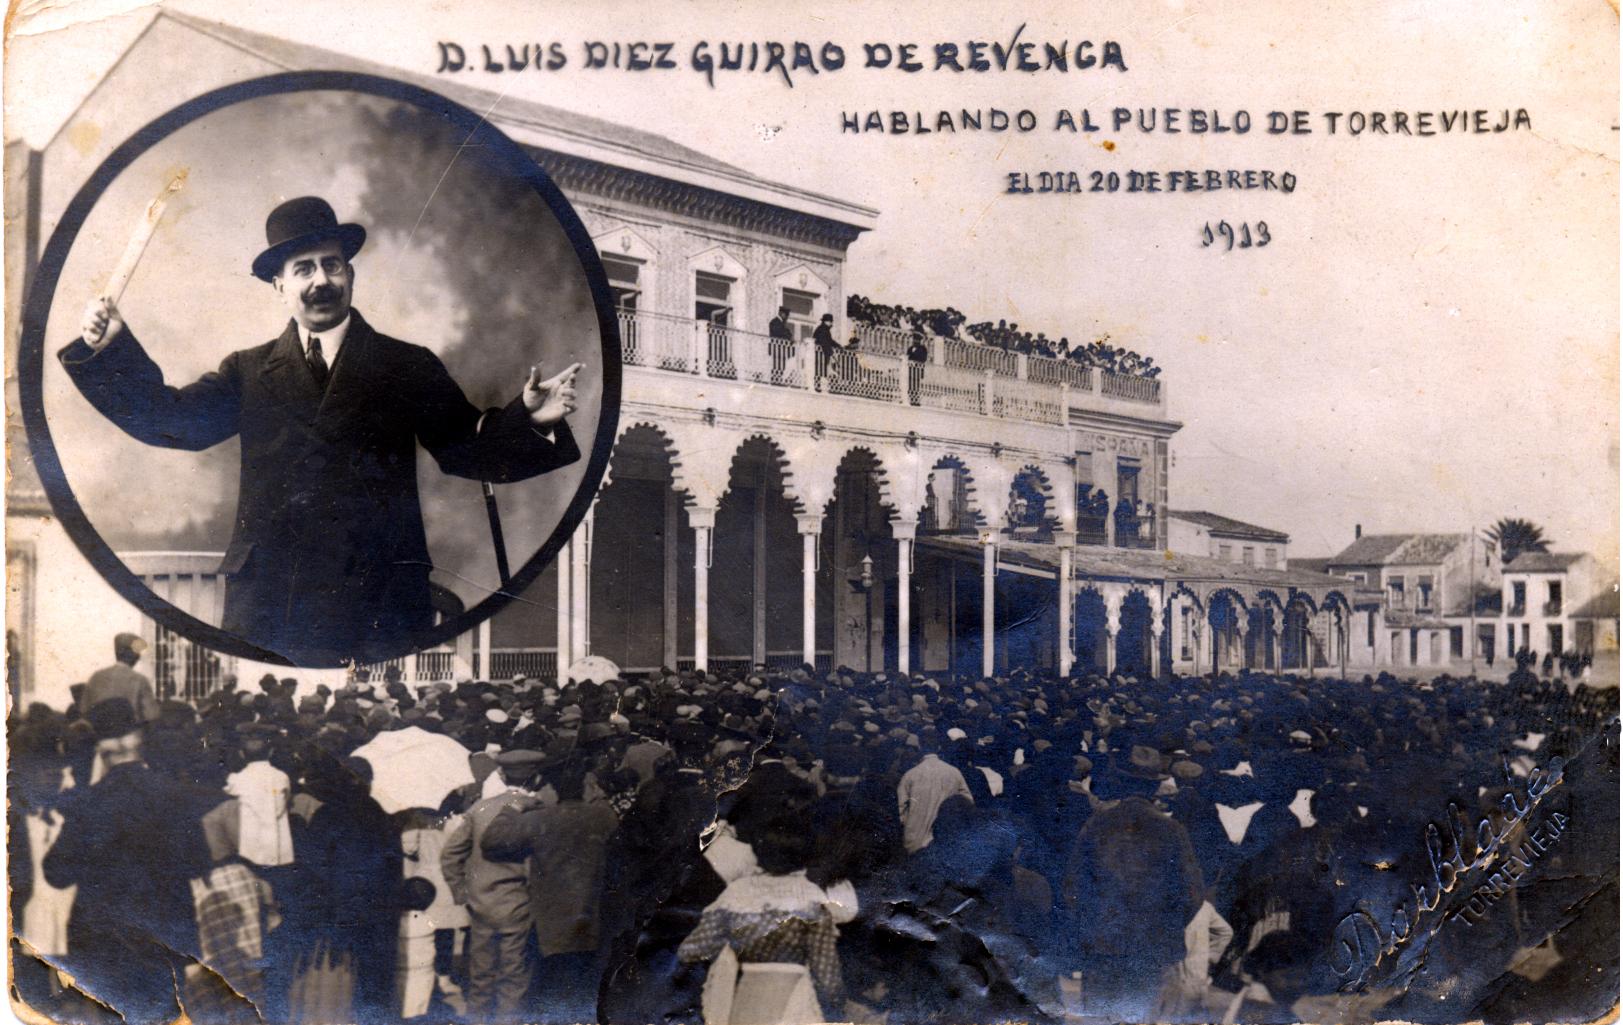 Mítin de Luis Díez Guirao de Revenga desde la terraza del Casino. Torrevieja, 20 de febrero de 1913. / Foto: Alberto Darblade - Colección de F. Sala Aniorte